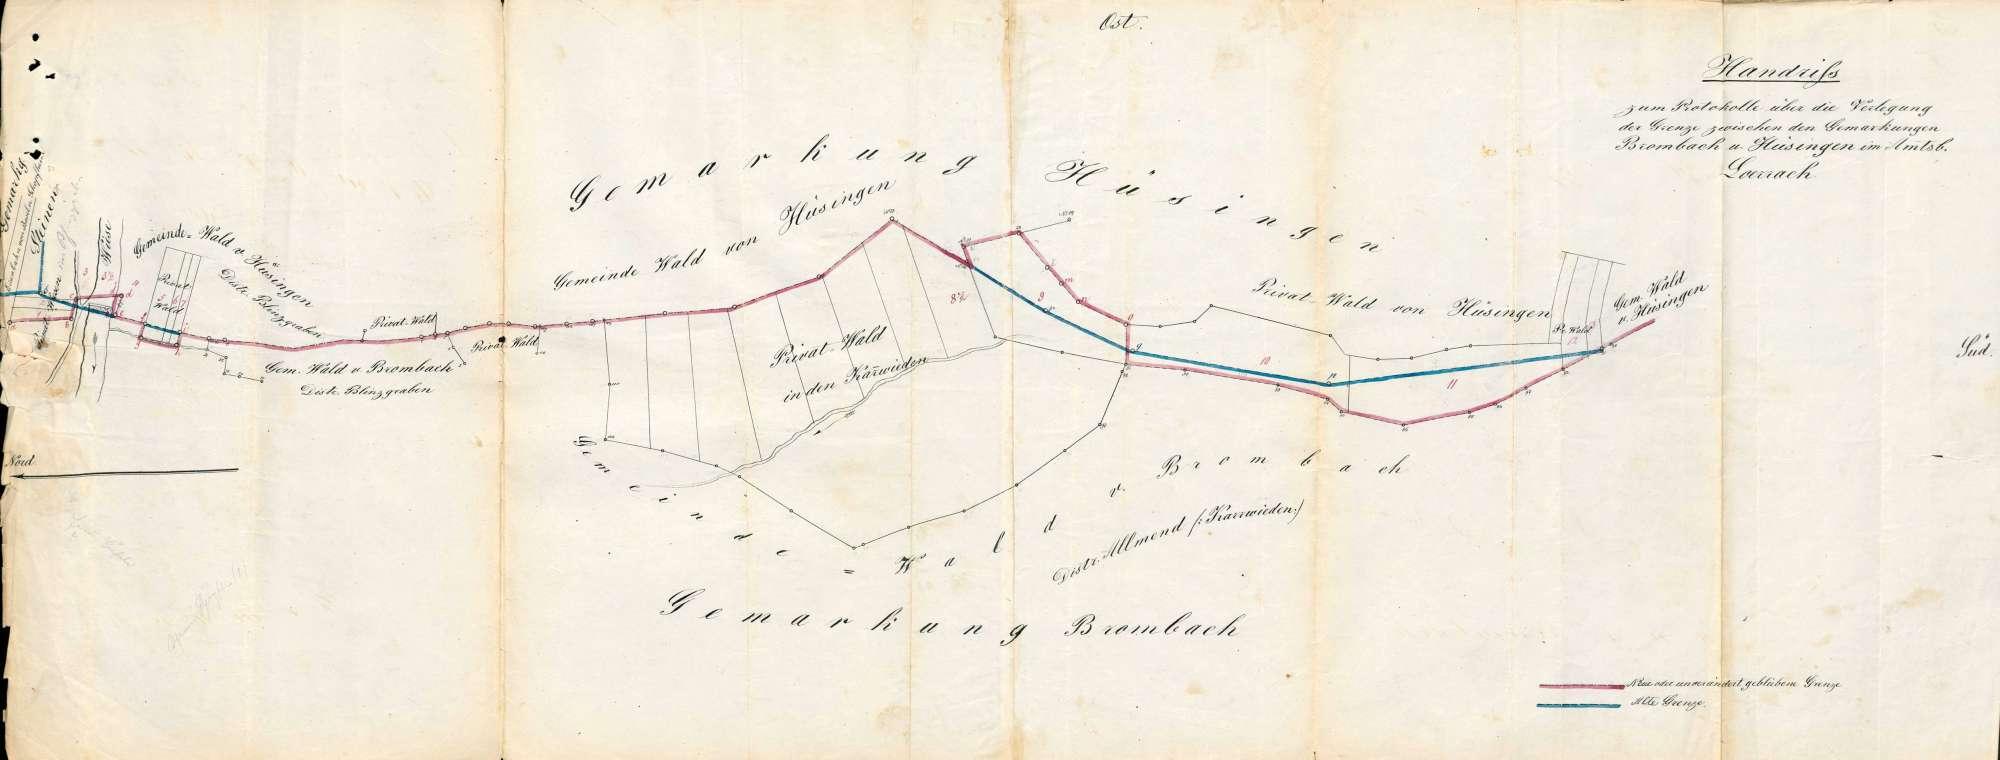 Verlegung der Gemarkungsgrenzen zwischen den Gemeinden Brombach, Hüsingen und Steinen, Bild 1